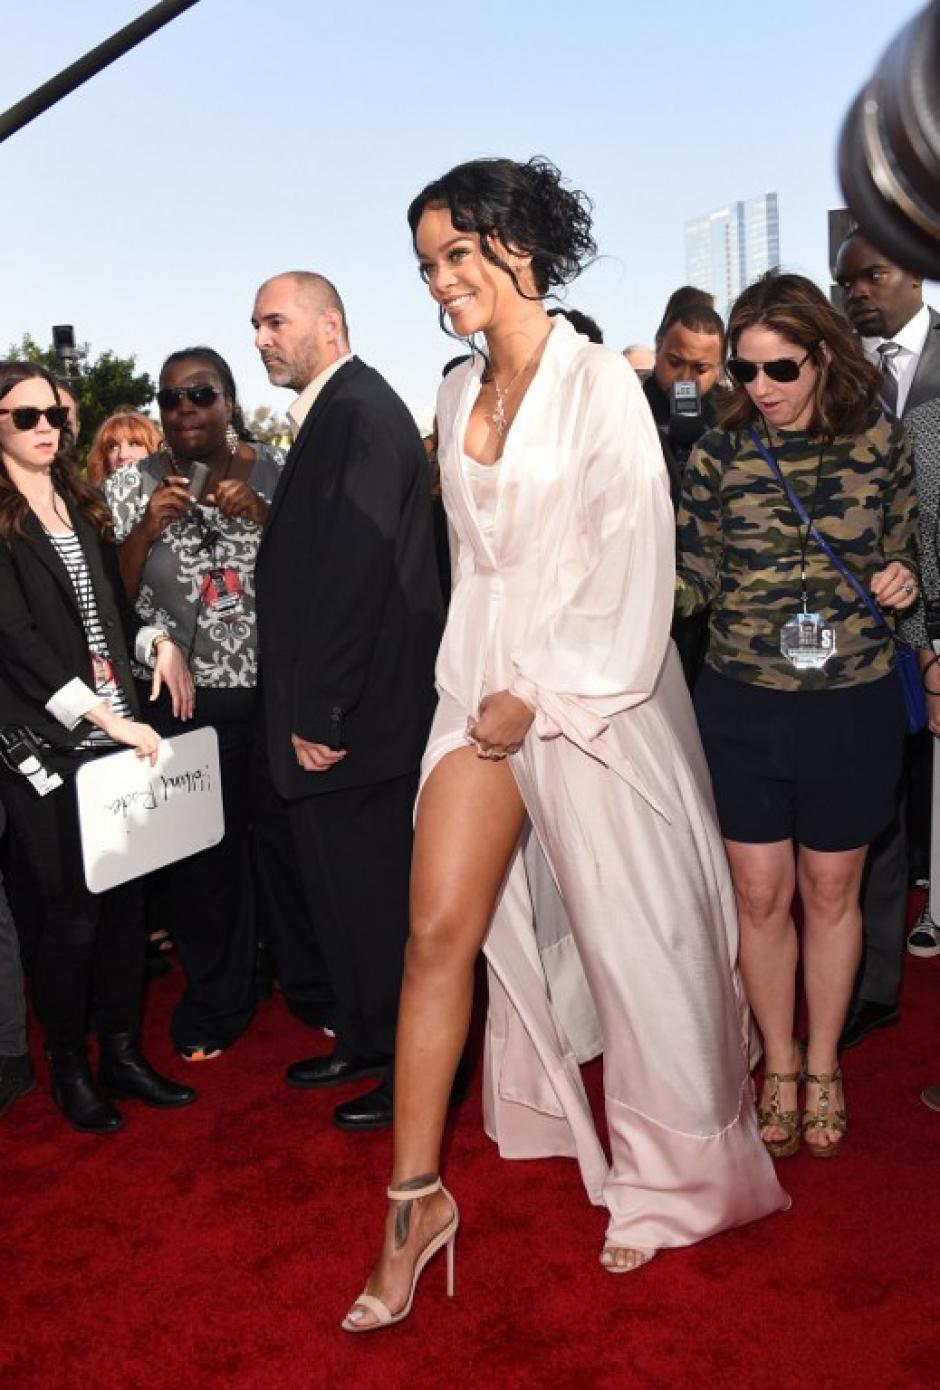 La artista Rihanna apareció con un espectacular pijazo que dará de qué hablar. (Foto: AFP)